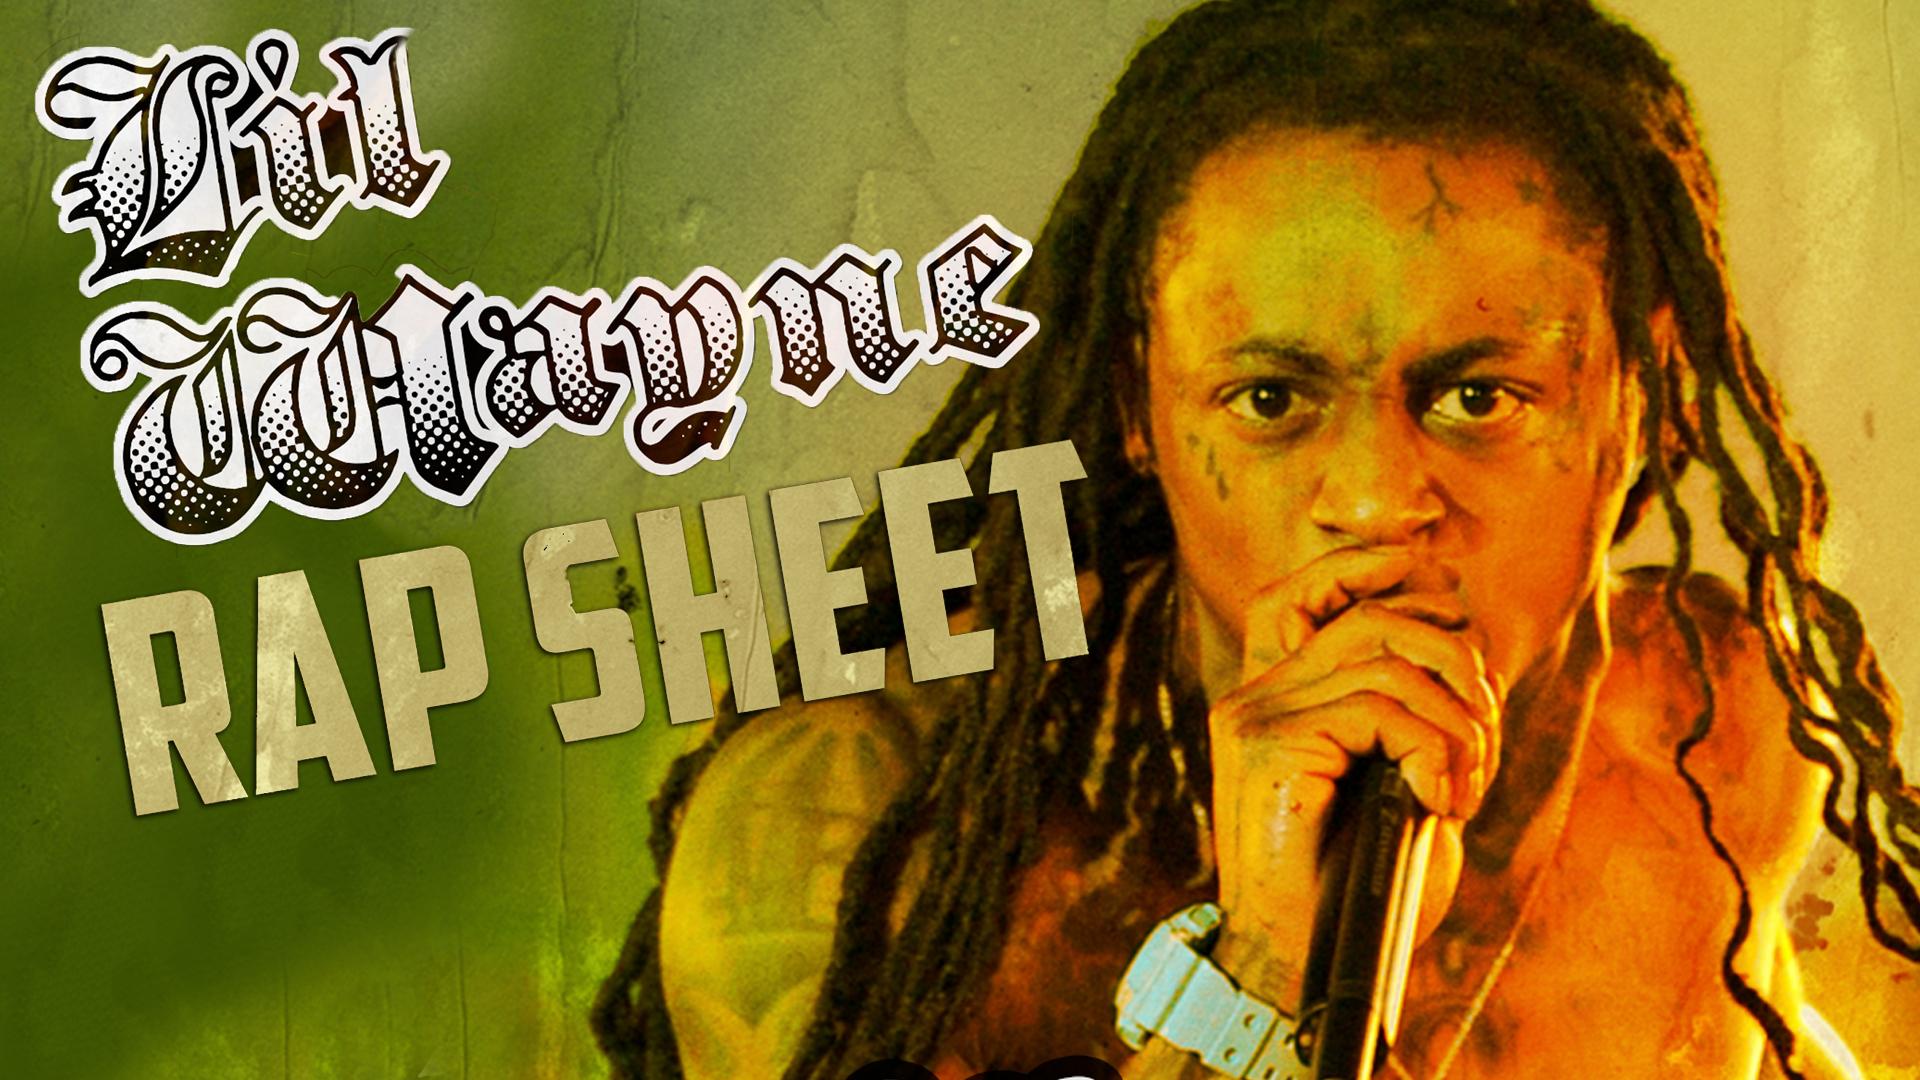 Lil Wayne: Rap Sheet